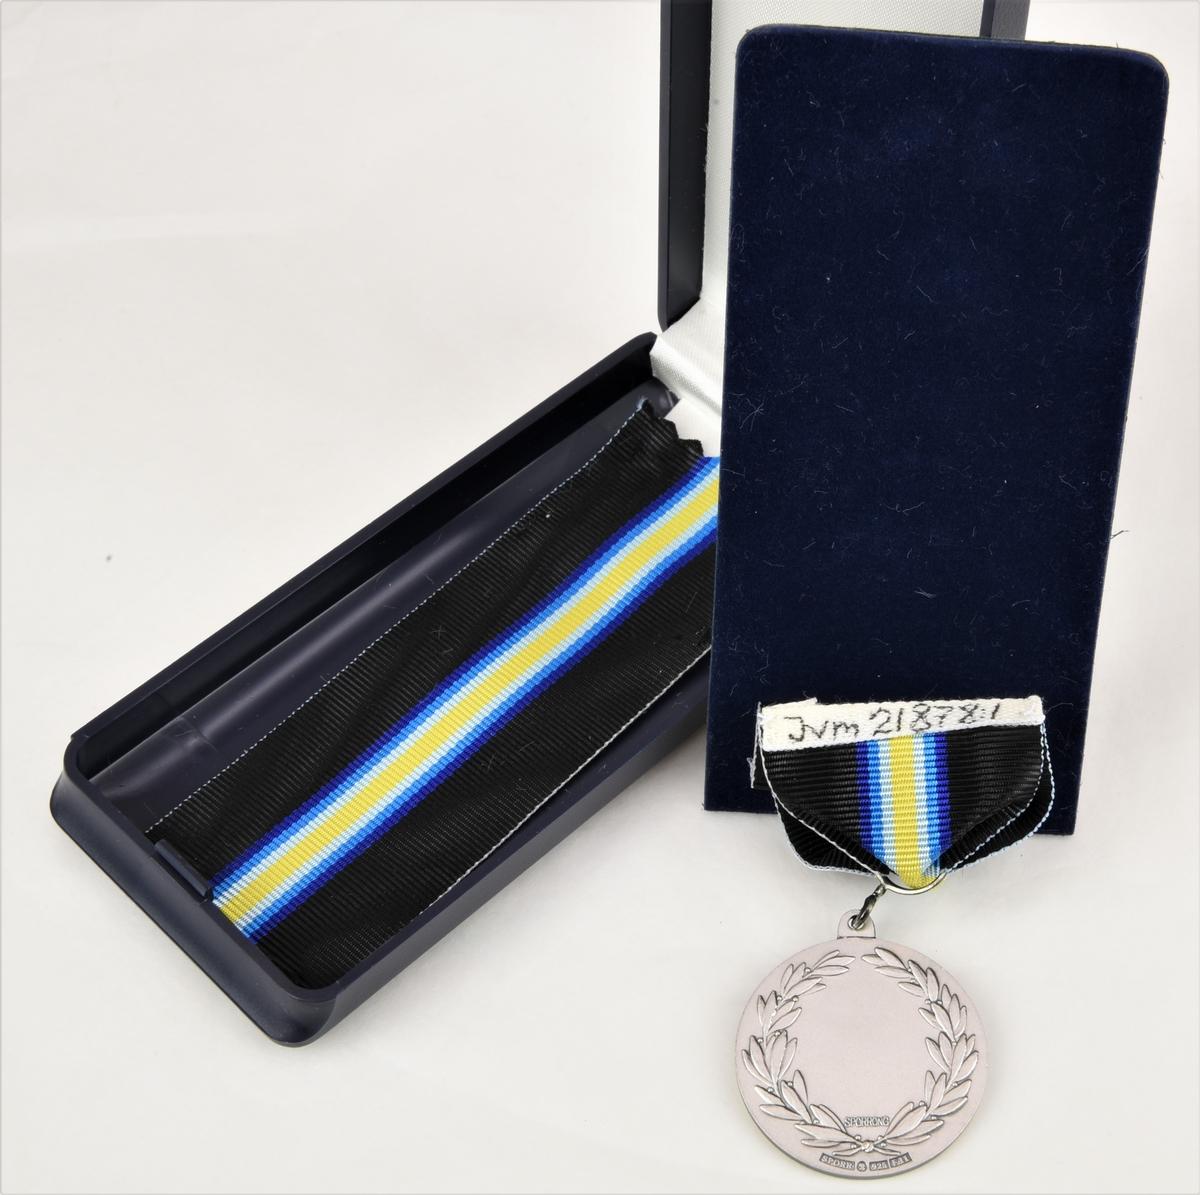 En silvermedalj från Driftvärnet som har ett svart band som pryds med en gul rand som omges på vardera sidor av tre ränder i olika nyanser av blått. Medaljens motiv är i relief och föreställer det krönta vinghjulet. Medaljens baksida omges av en lagerkrans med plats för inristning. Medaljen fästs vid klädseln med hjälp av två nålar som man knäpper fast baktill med varsin hatt.   Medaljen förvaras i ett avlångt blått etui som är gjort av plast. Lockets insida är prytt med vitt tyg av sammet medan etuiets botten är täckt med en blå mjuk plastfiber. Under botten finns ett reserv band.